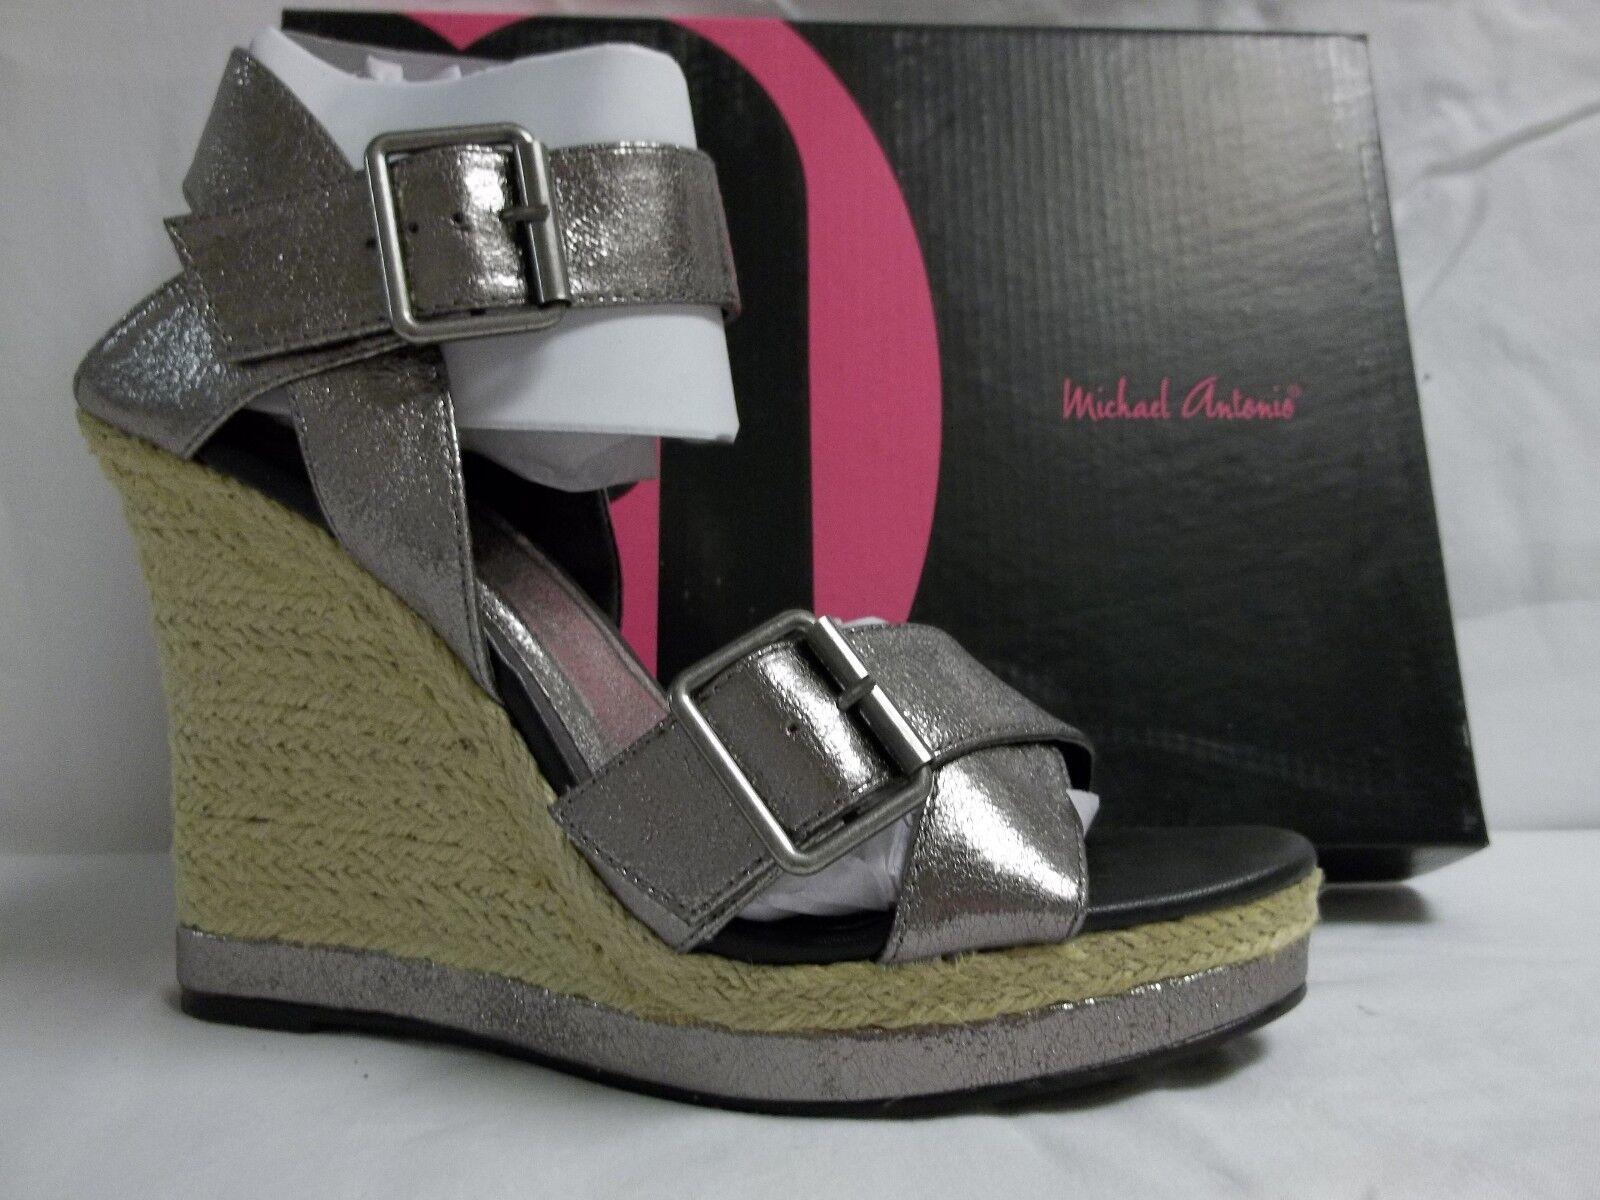 Michael Antonio Größe 9 M Gladwinn Pewter Metallic Wedges NEU Damenschuhe Schuhes